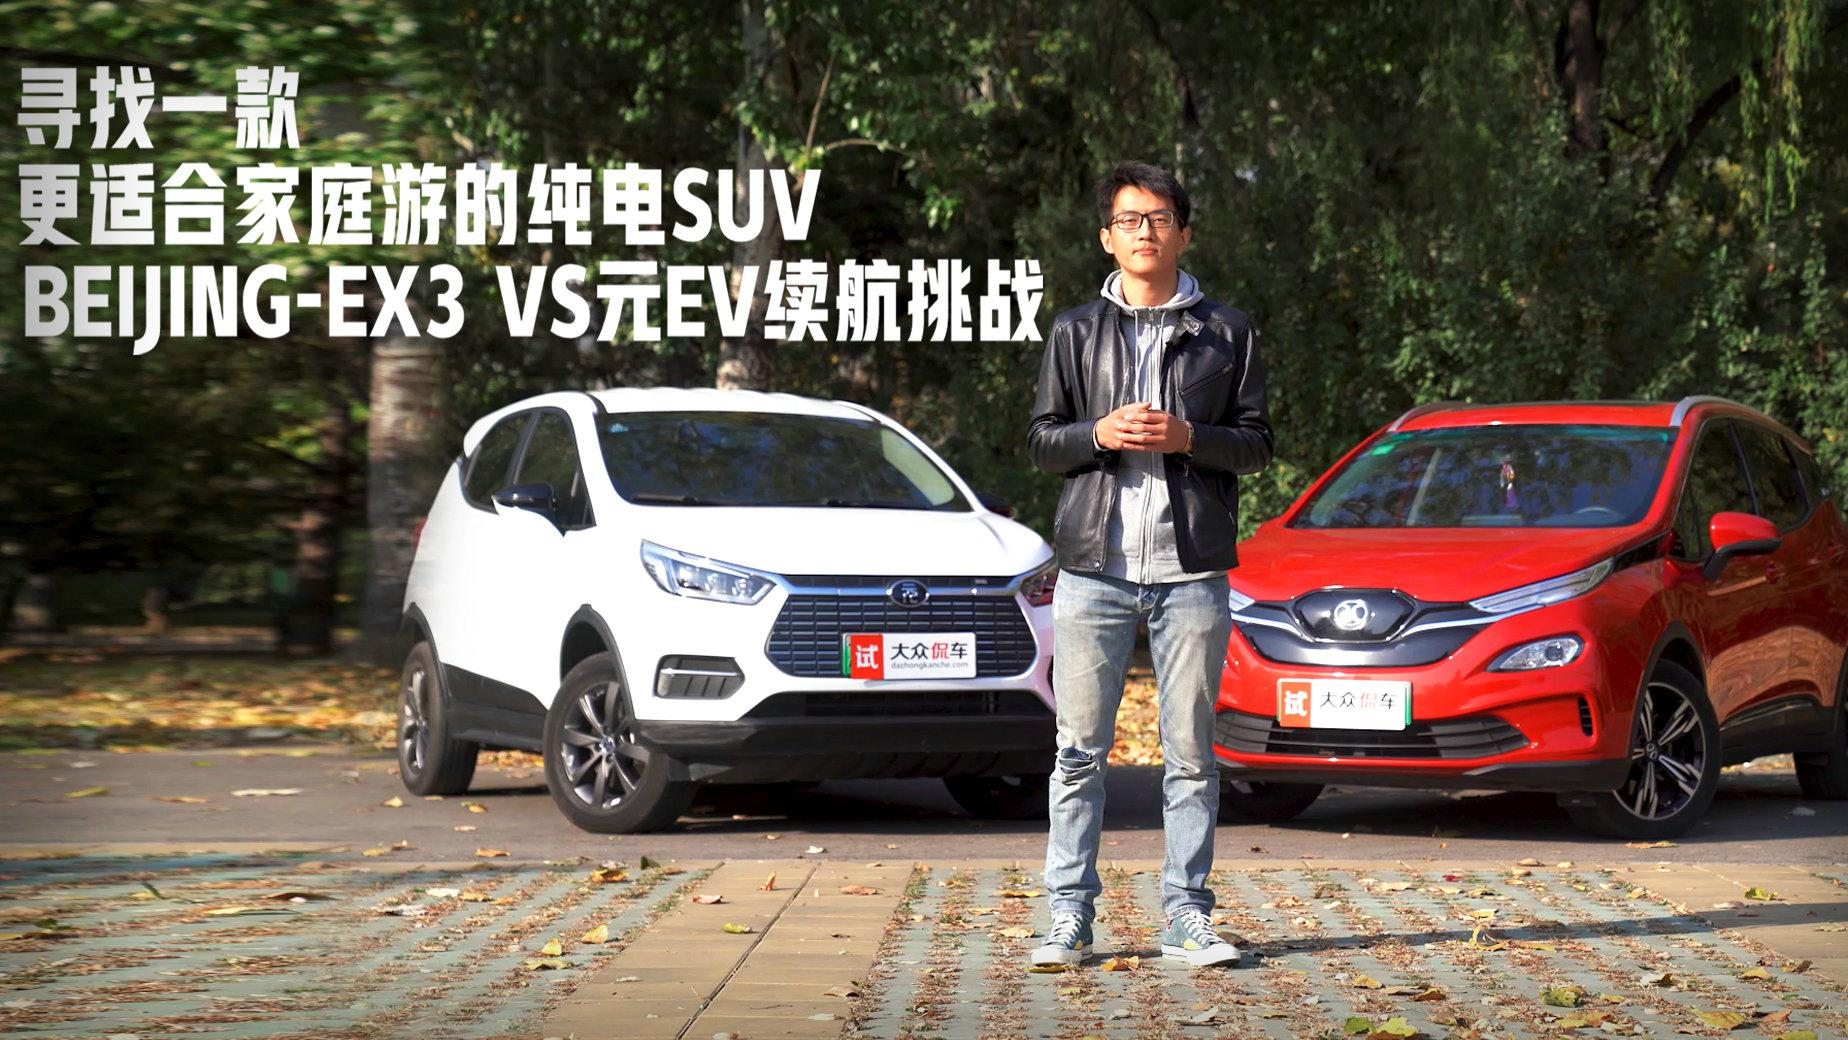 视频:寻找一款更适合家庭游的纯电SUV,BEIJING-EX3 VS元EV续航挑战